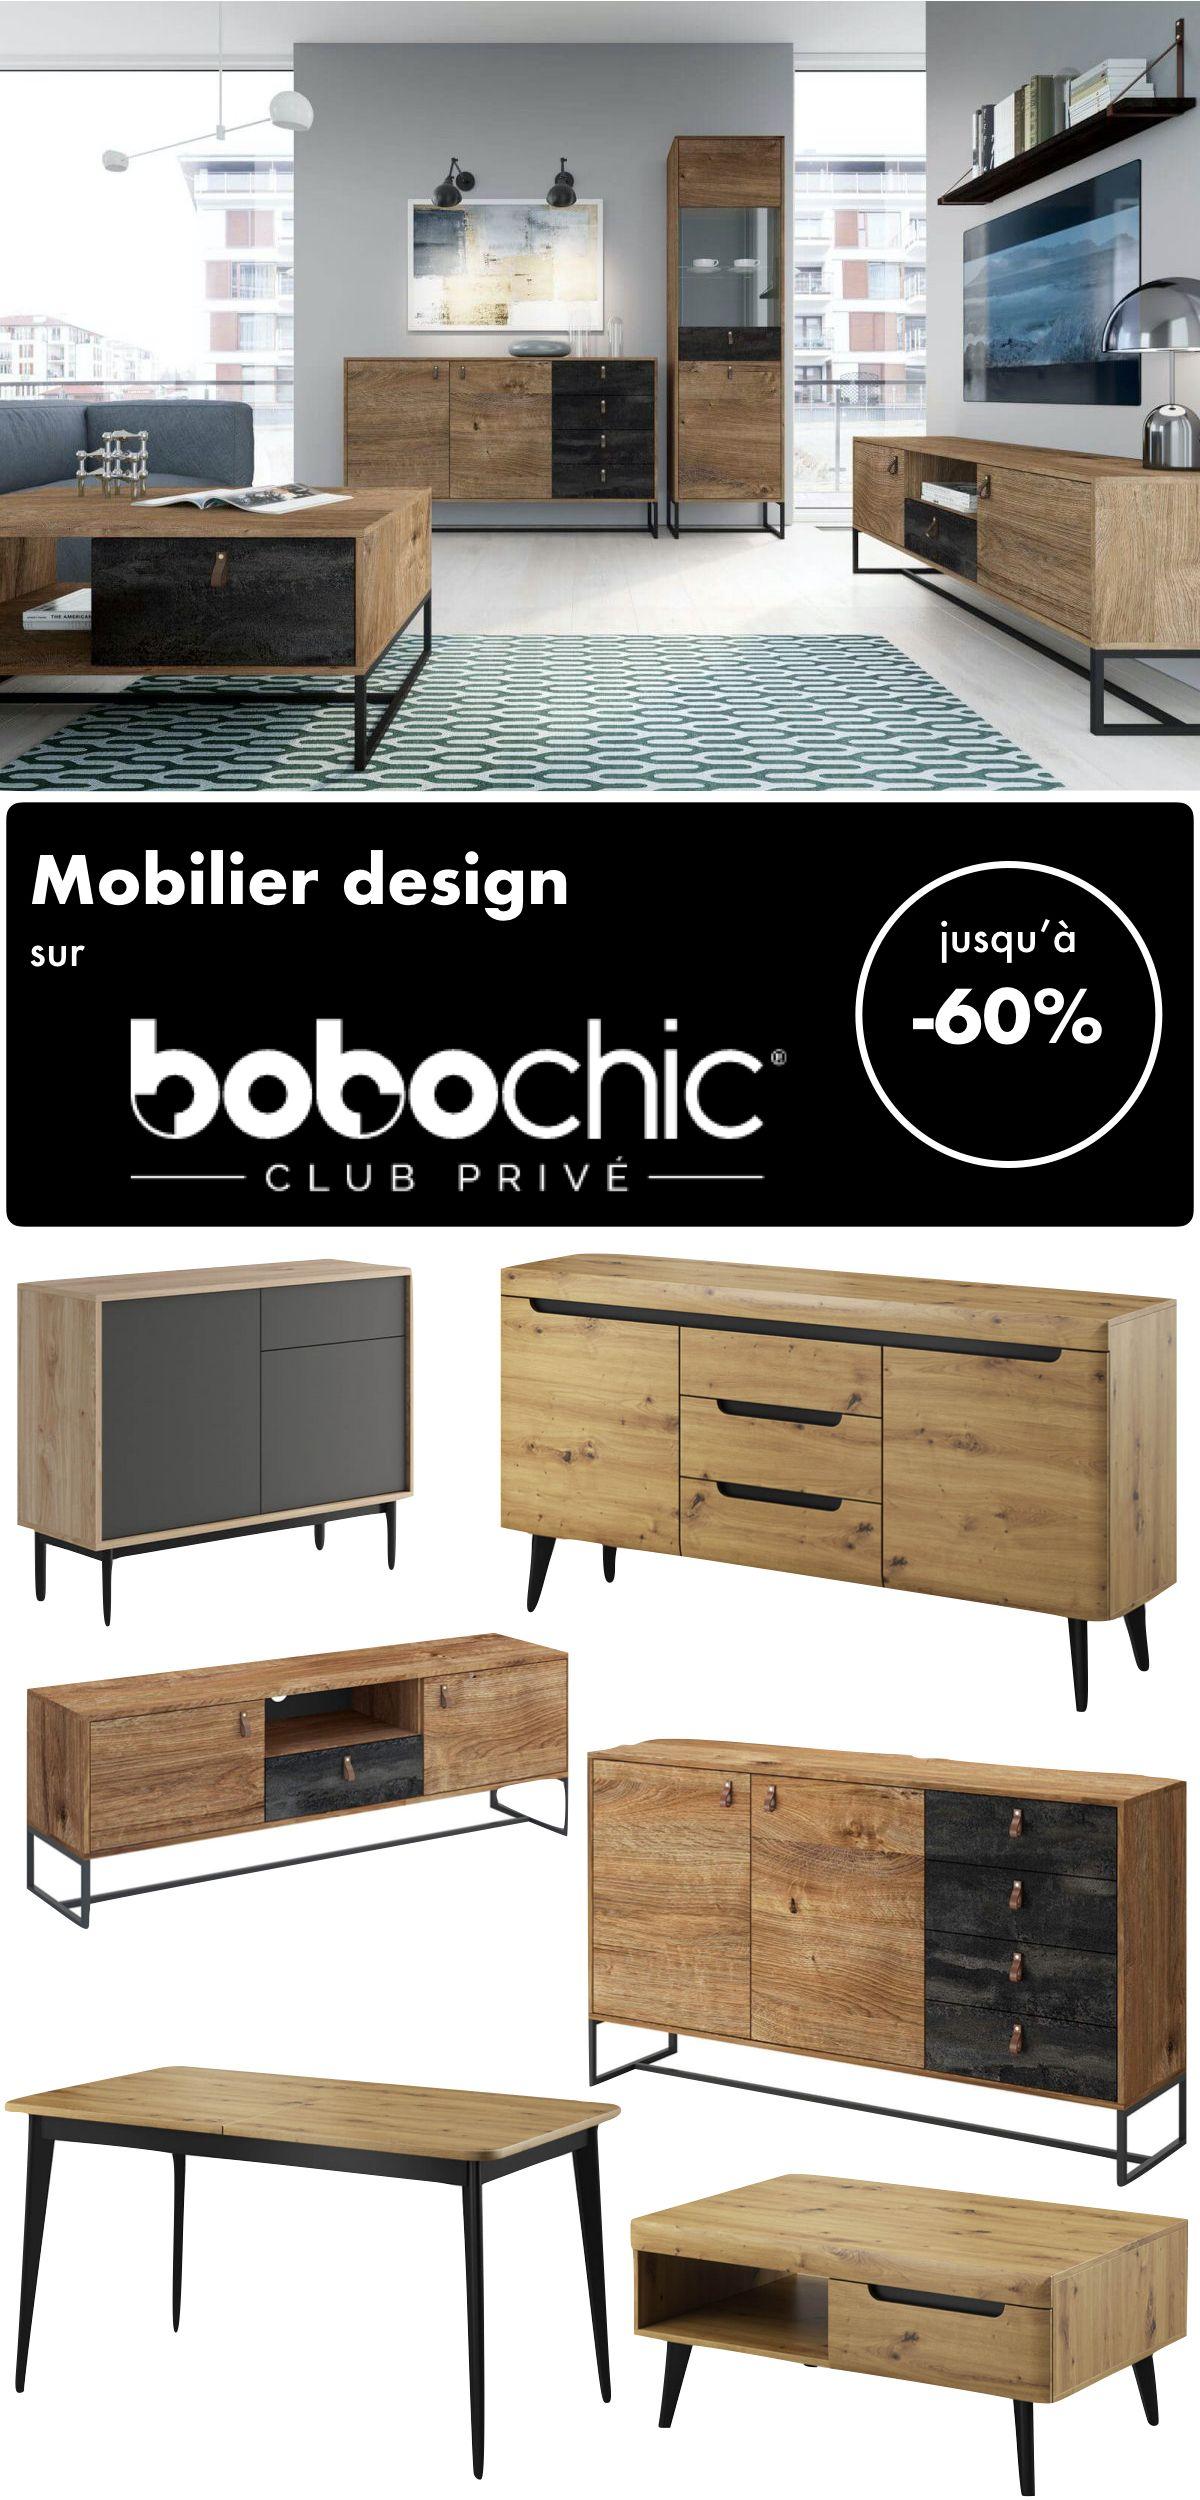 Meuble Design Pas Cher Bois Bobochic Pour Salon Moderne Et Deco En 2020 Meuble Design Meuble Design Pas Cher Portfolio D Architecture